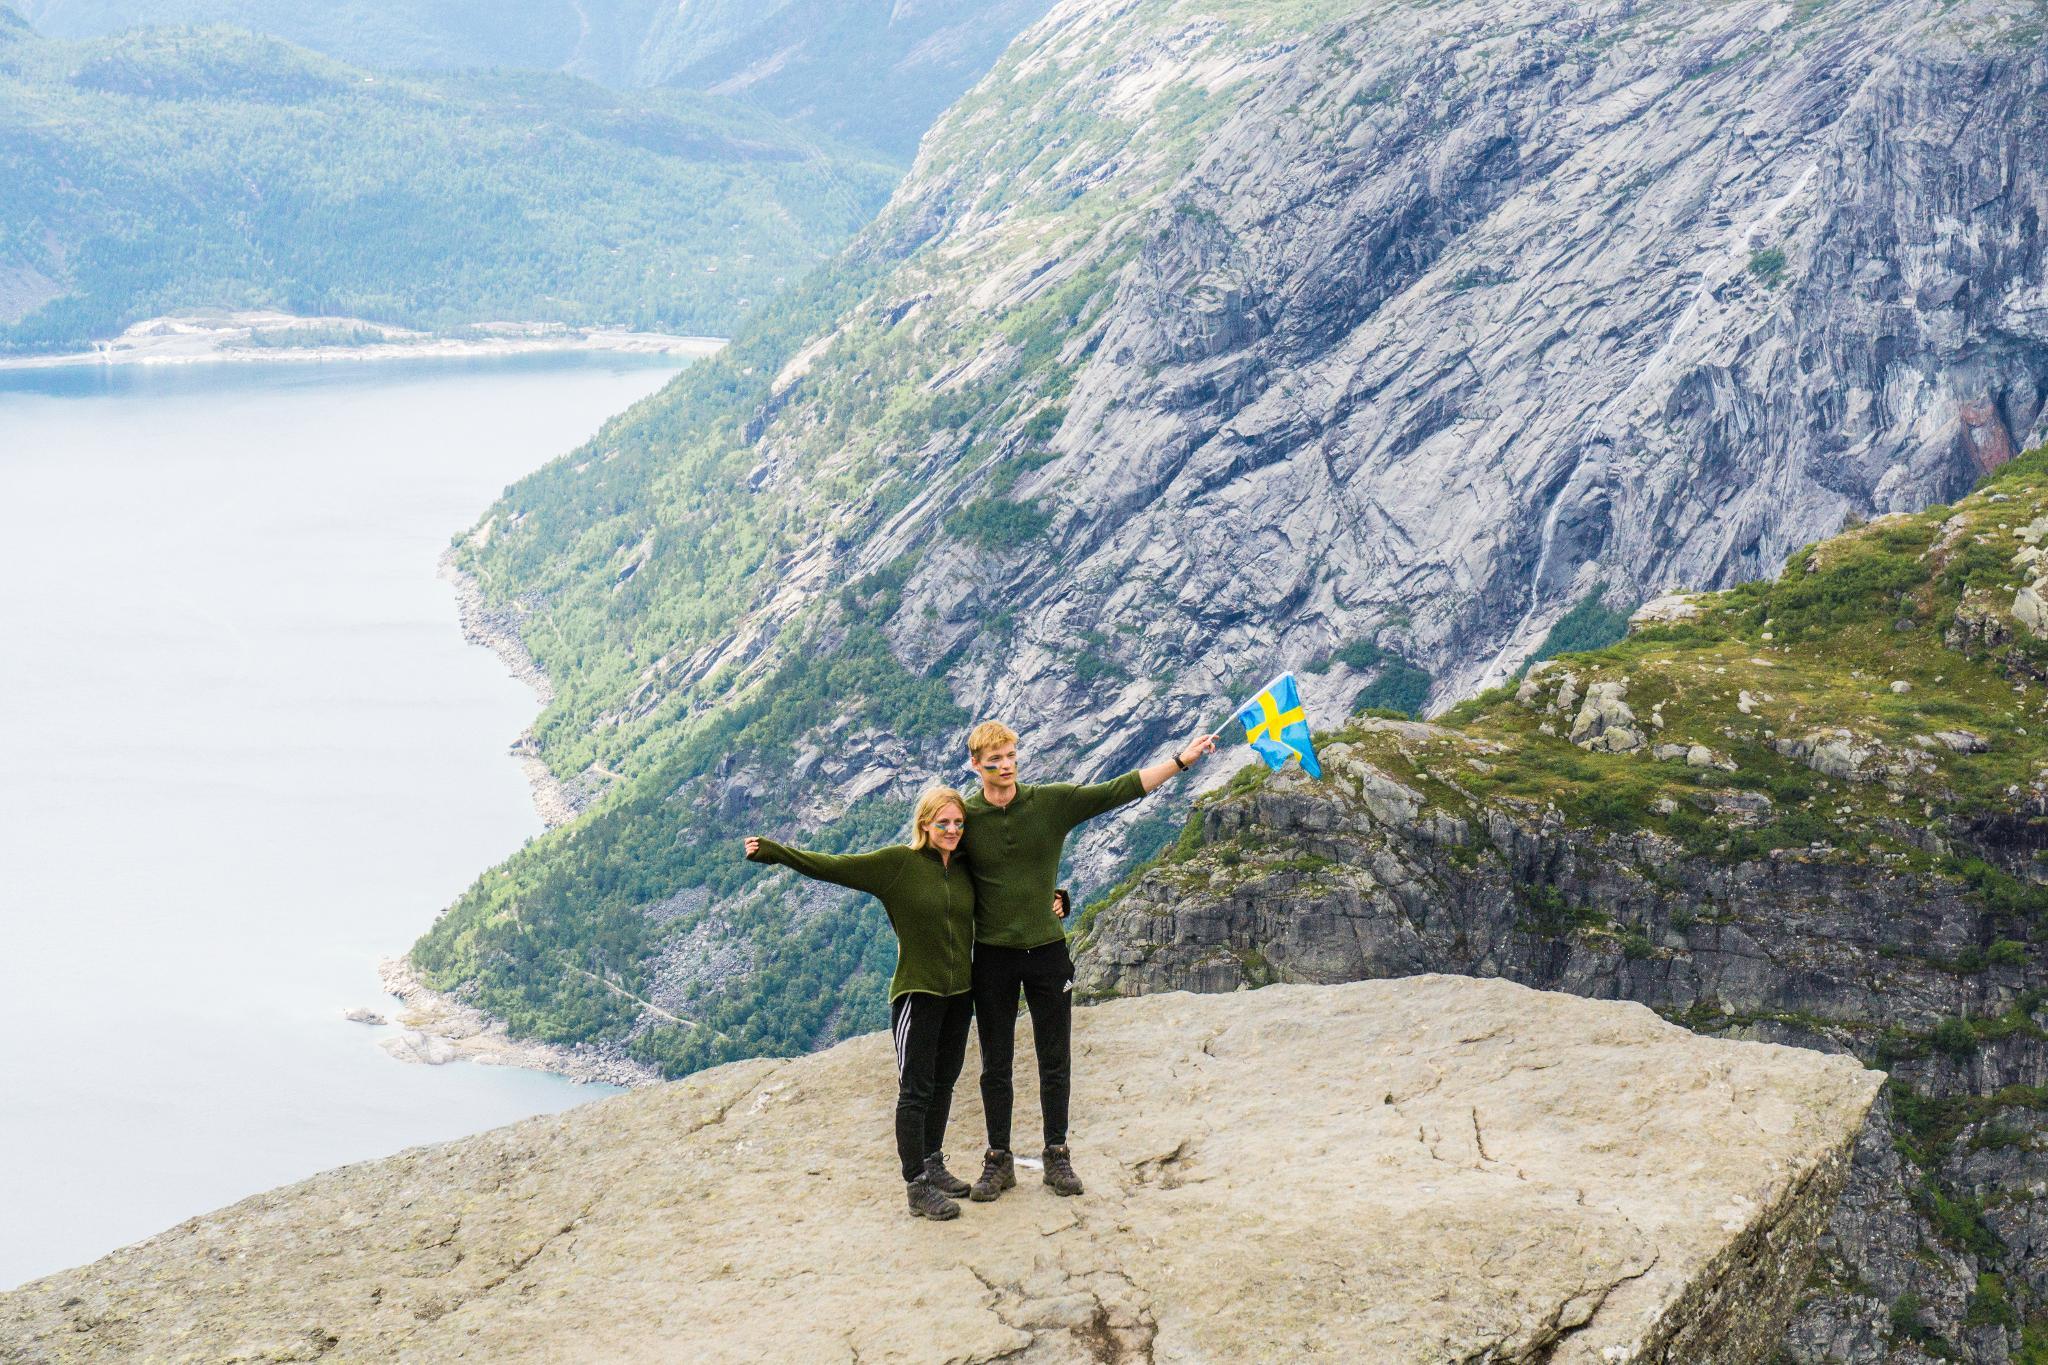 【北歐景點】挪威惡魔之舌 Trolltunga — 28公里健行挑戰全攻略 240